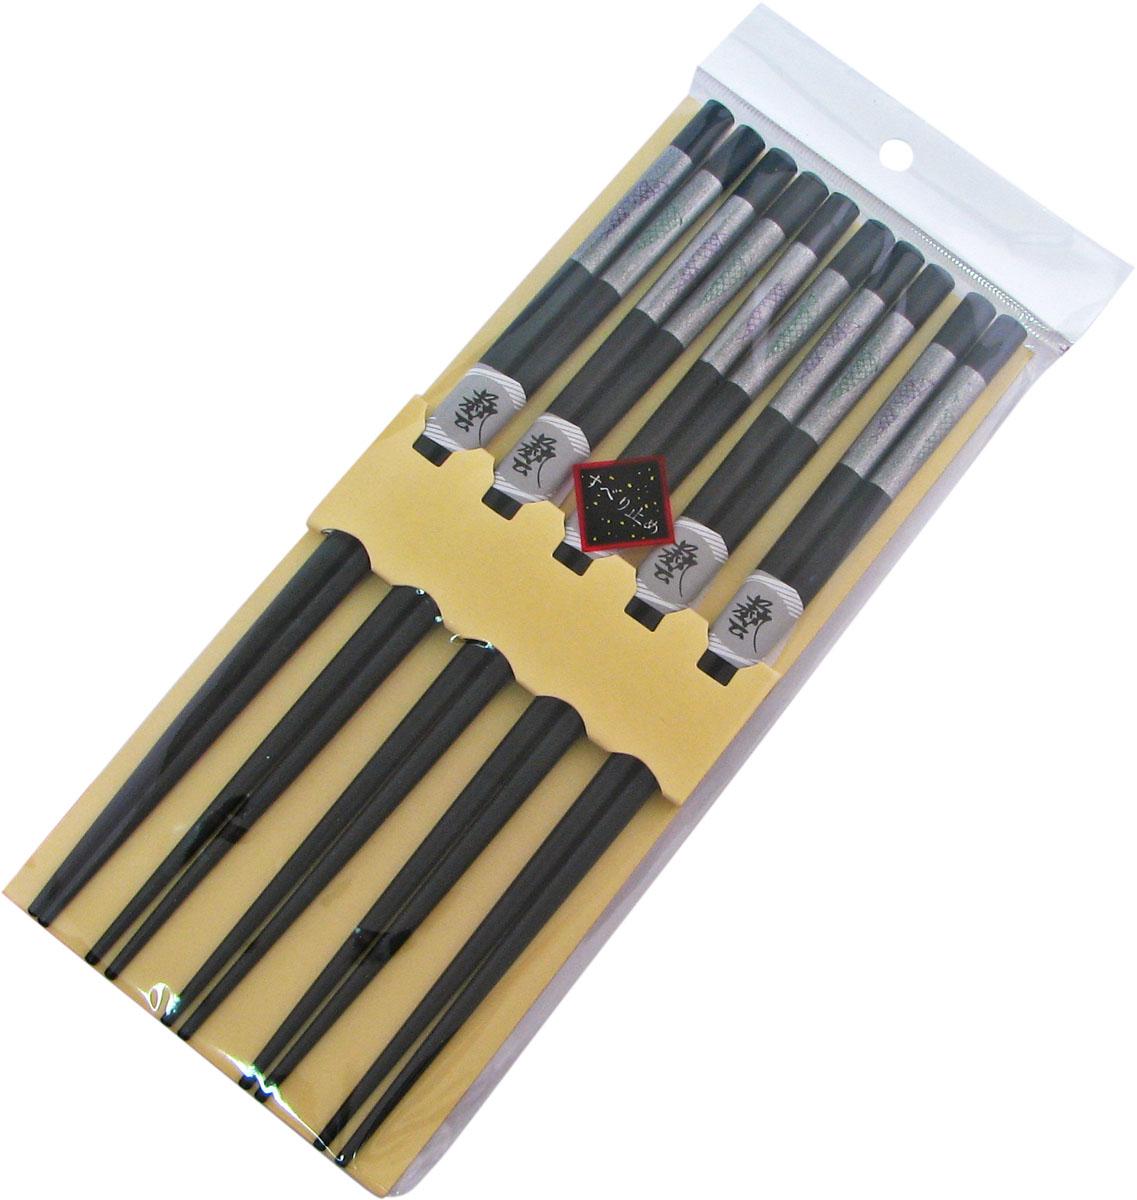 Палочки бамбуковые, цвет: черный, 10 шт. 40359 набор для кухни pasta grande 1126804